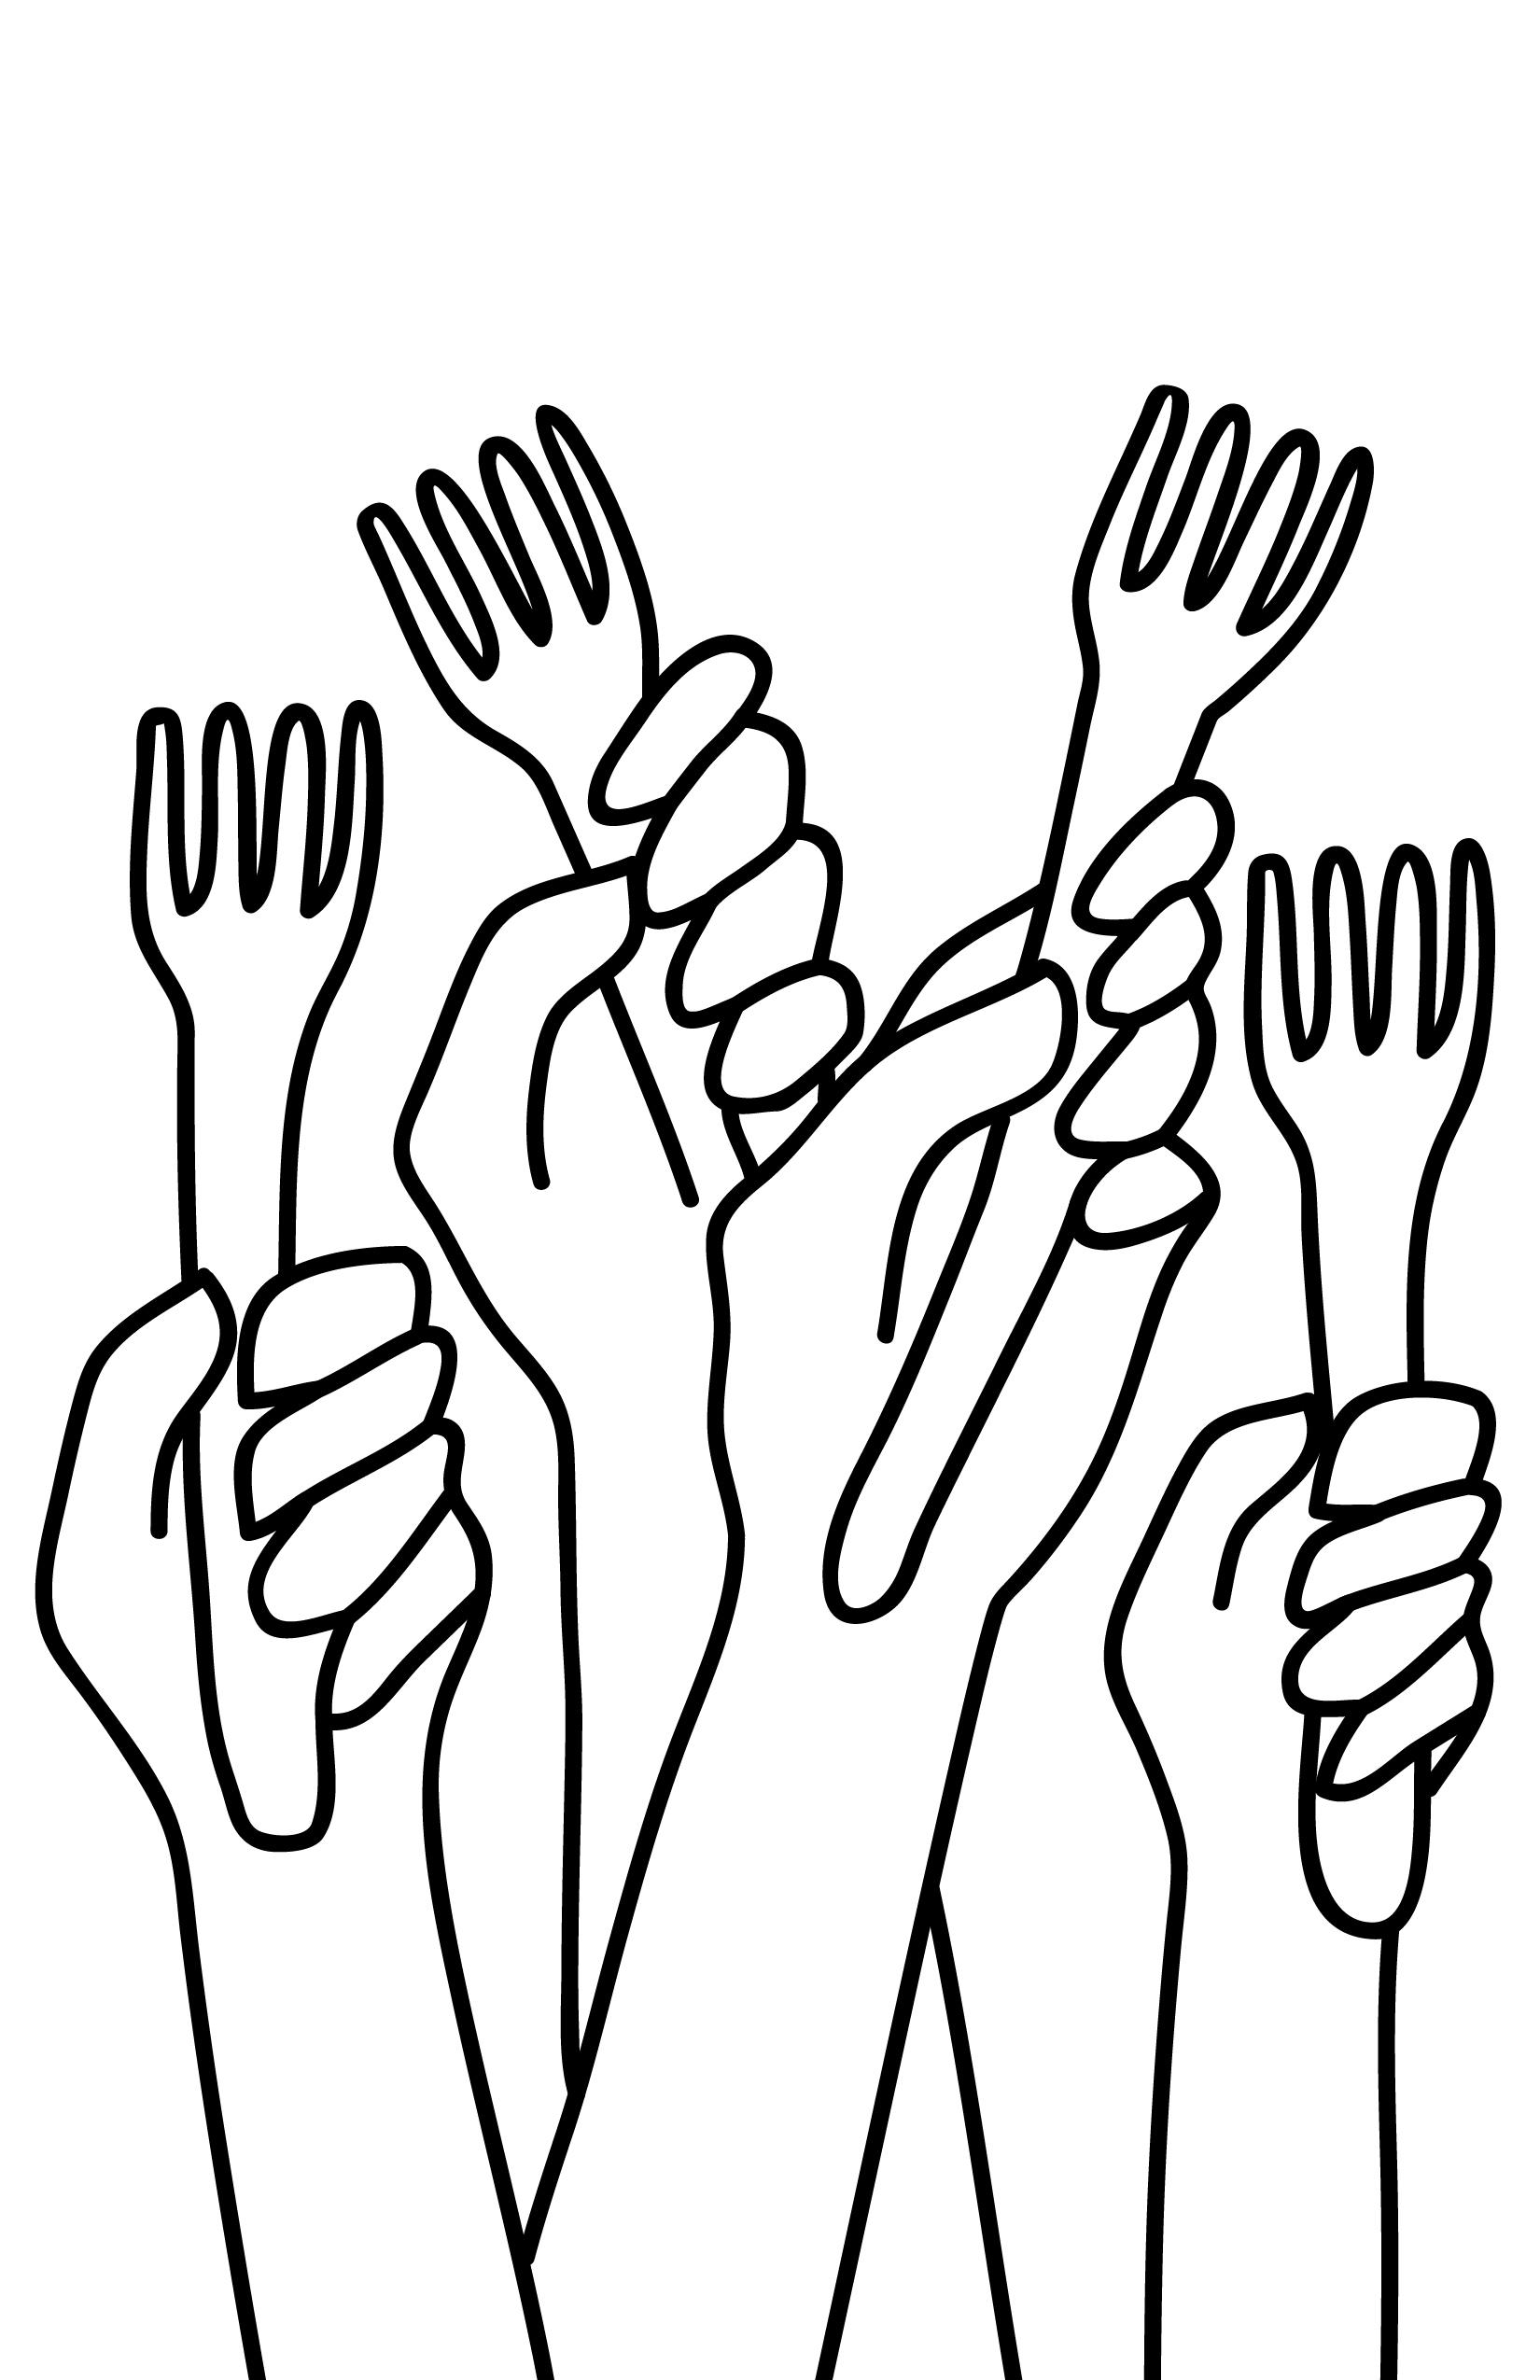 Forks unite